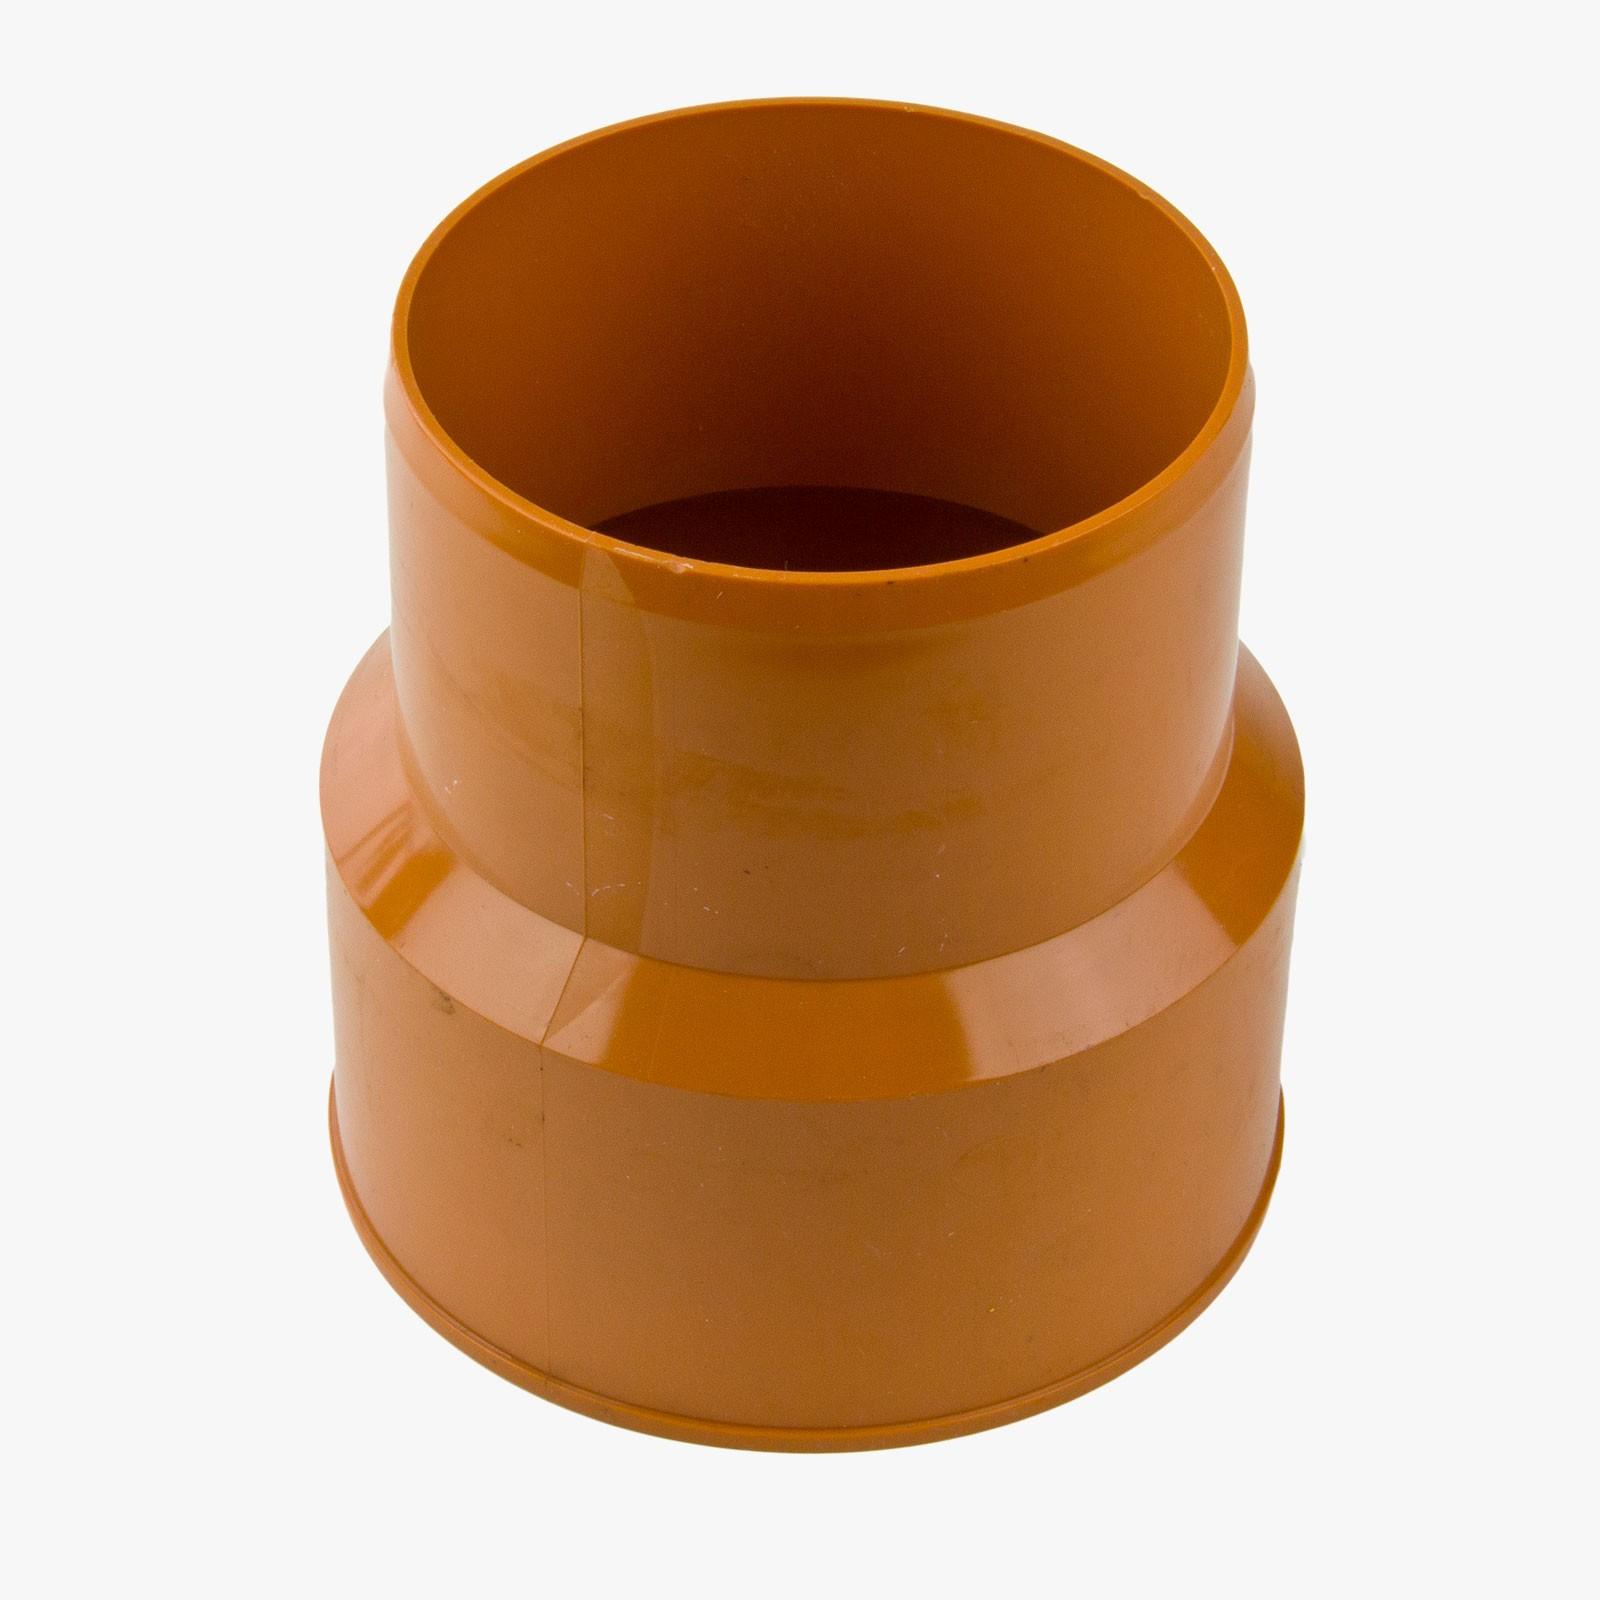 Guss auf PVC DN 125 KGUG Übergang